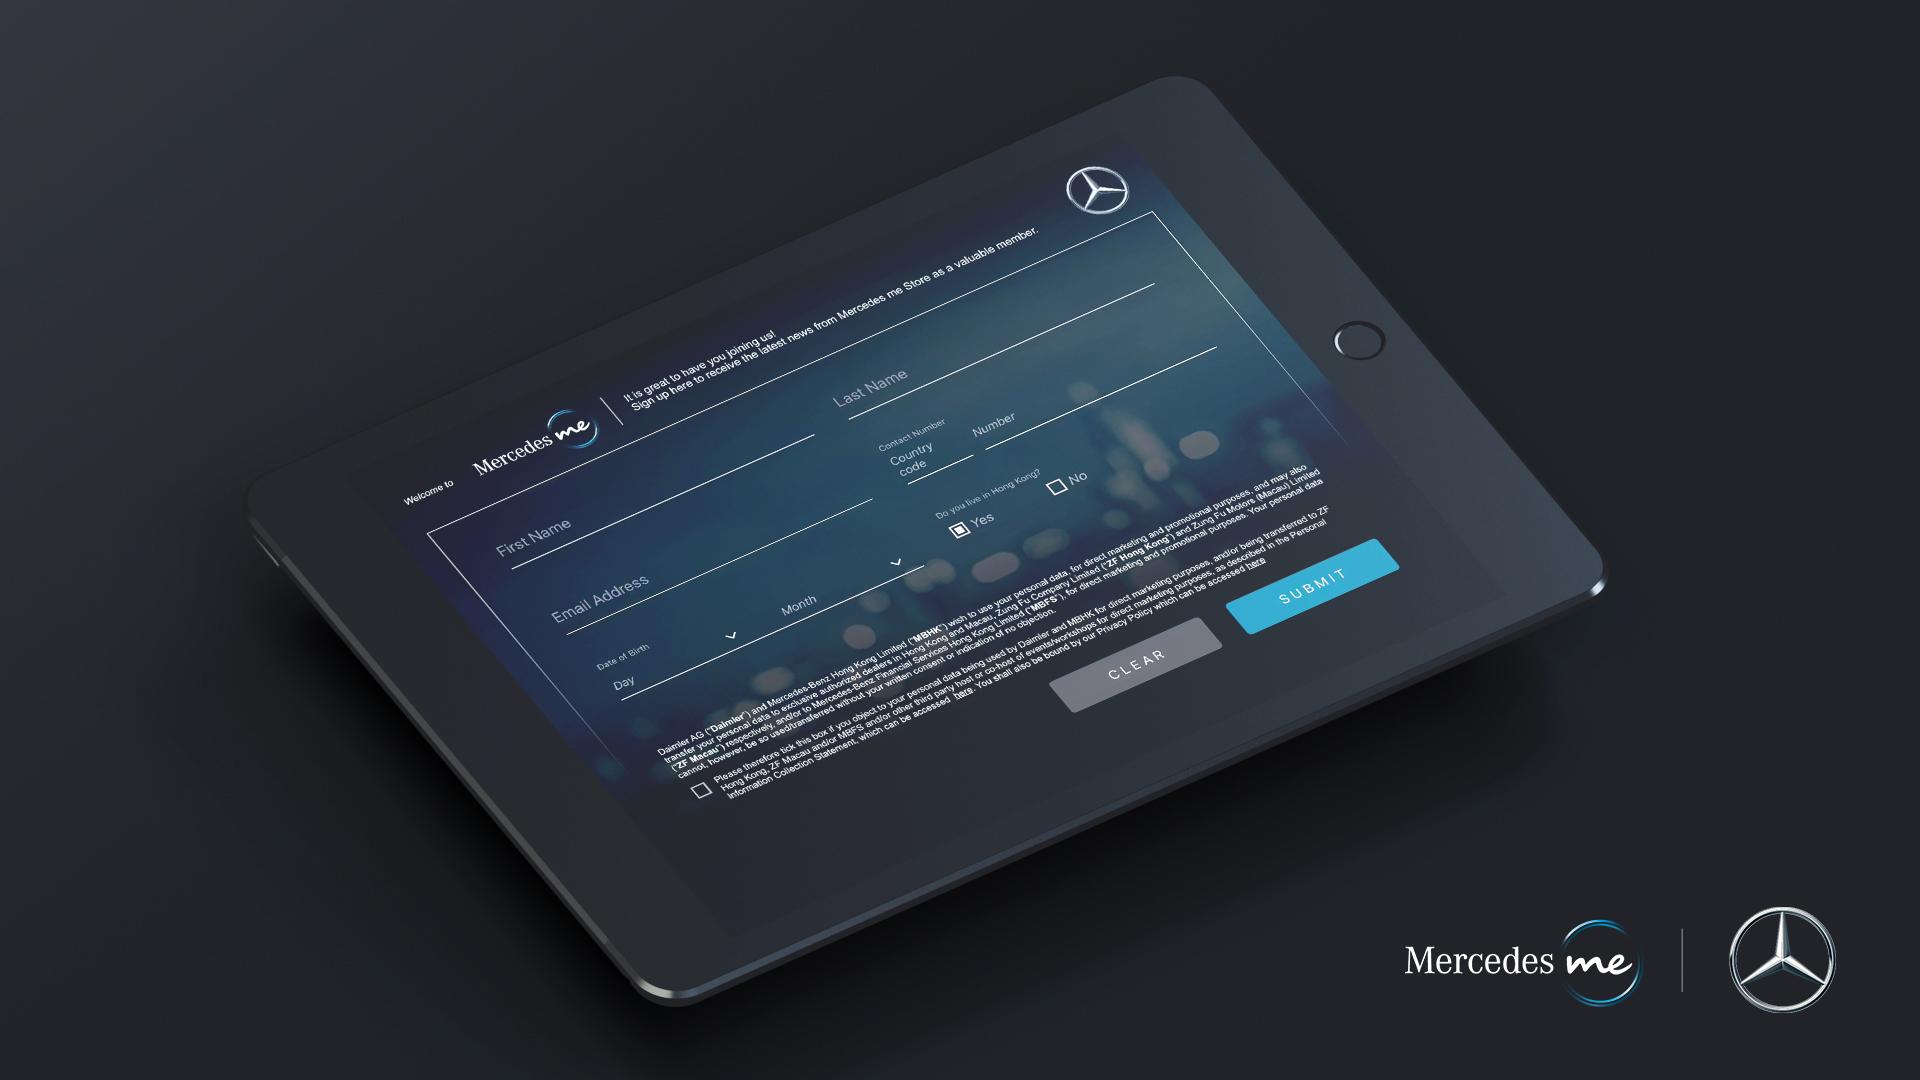 Mercedes-Benz Mercedes me Store App